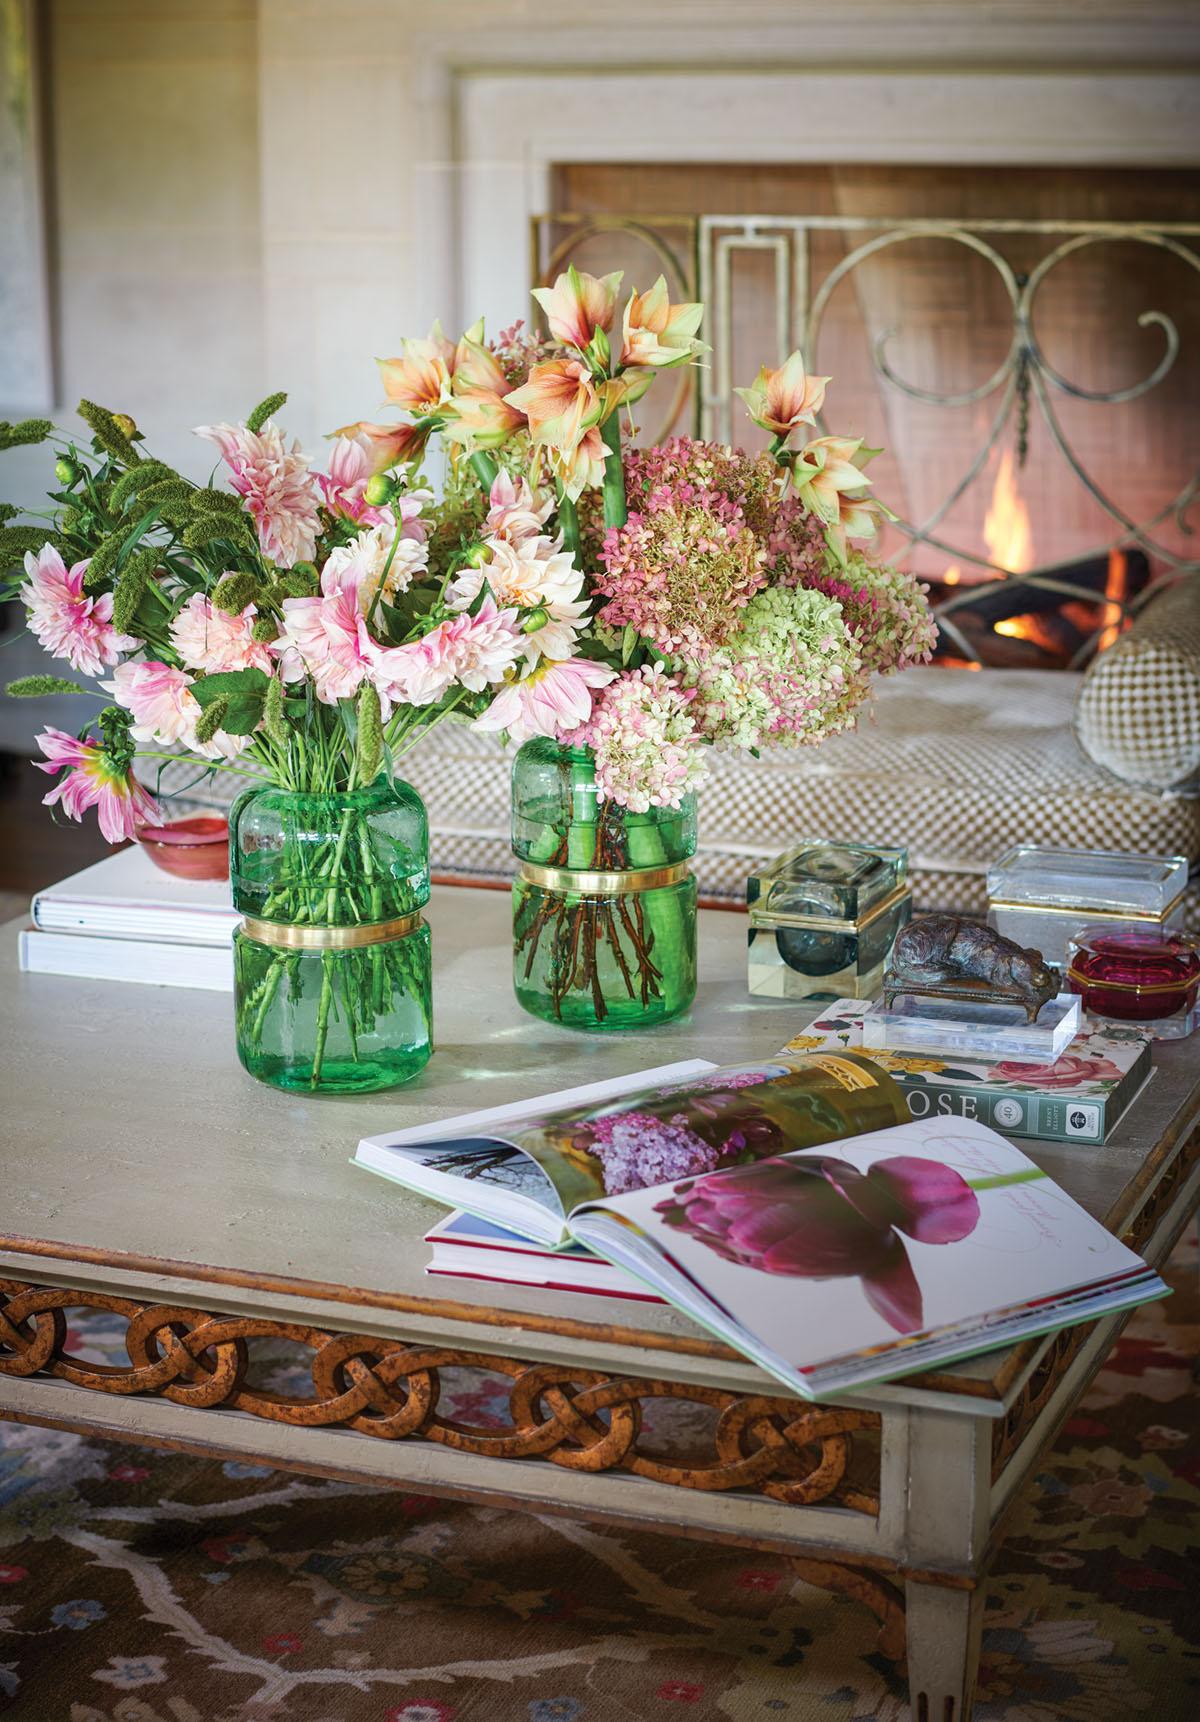 Floral Design by Jimmie Henslee